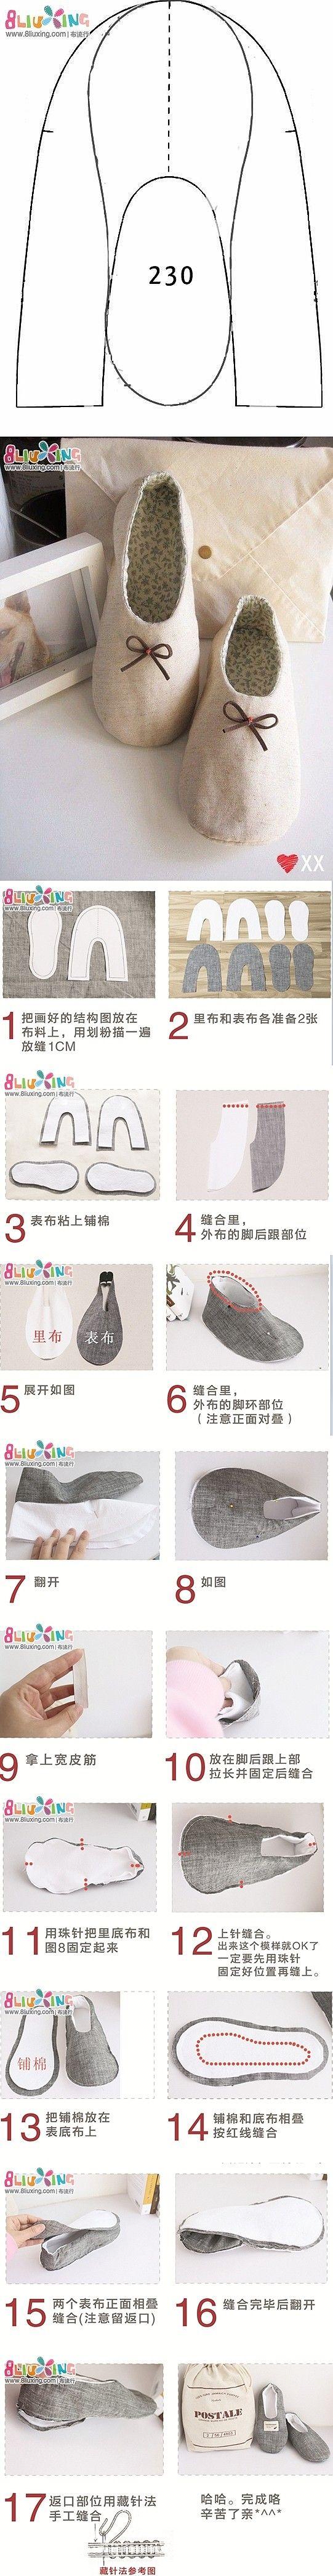 80d990861 slippers - shoes | Baby shoes pattern | Zapatillas de fieltro ...